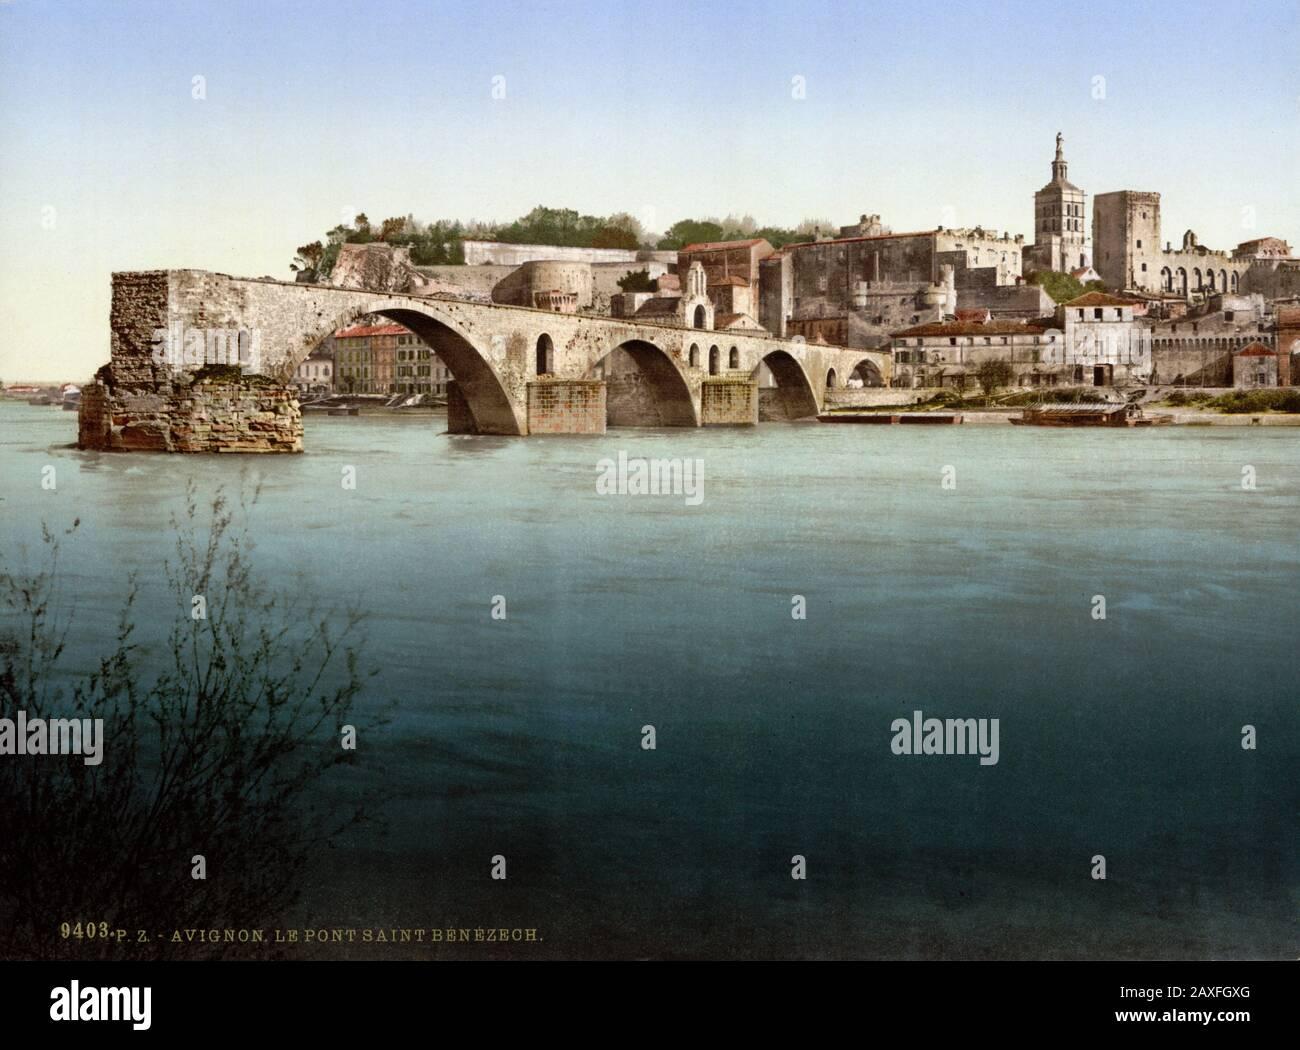 1890 CA , AVIGNON , Provenza-Alpes-Costa Azul , FRANCIA : Vista sobre el río Ródano al noreste con el Pont Saint Benezet o ' Pont d'Avignon ' . EL CASTILLO DE LOS PAPAS y LA CATEDRAL sobre el fondo ( Ensemble Episcopal ) . Desde la Isla de Barthalasse, (es decir, Ile de la Barthelasse ). Color Photochrom, Detroit Publishing Co. , ESTADOS UNIDOS - PALACIO PAPAL - FOTO STORICHE - FOTOS DE HISTORIA - STOCK - GEOGRAFIA - GEOGRAFÍA - ARQUITECTURA - ARQUITECTURA - ARQUITECTURA - VECCHIA EUROPA - VIEJA EUROPA - FRANCIA - PALAZZO DEI PAPI - PAPA - CATTEDRALE - CHIESA - IGLESIA - PROVENZA - PONTE - FIUME - RÍO - RODANO © A Foto de stock